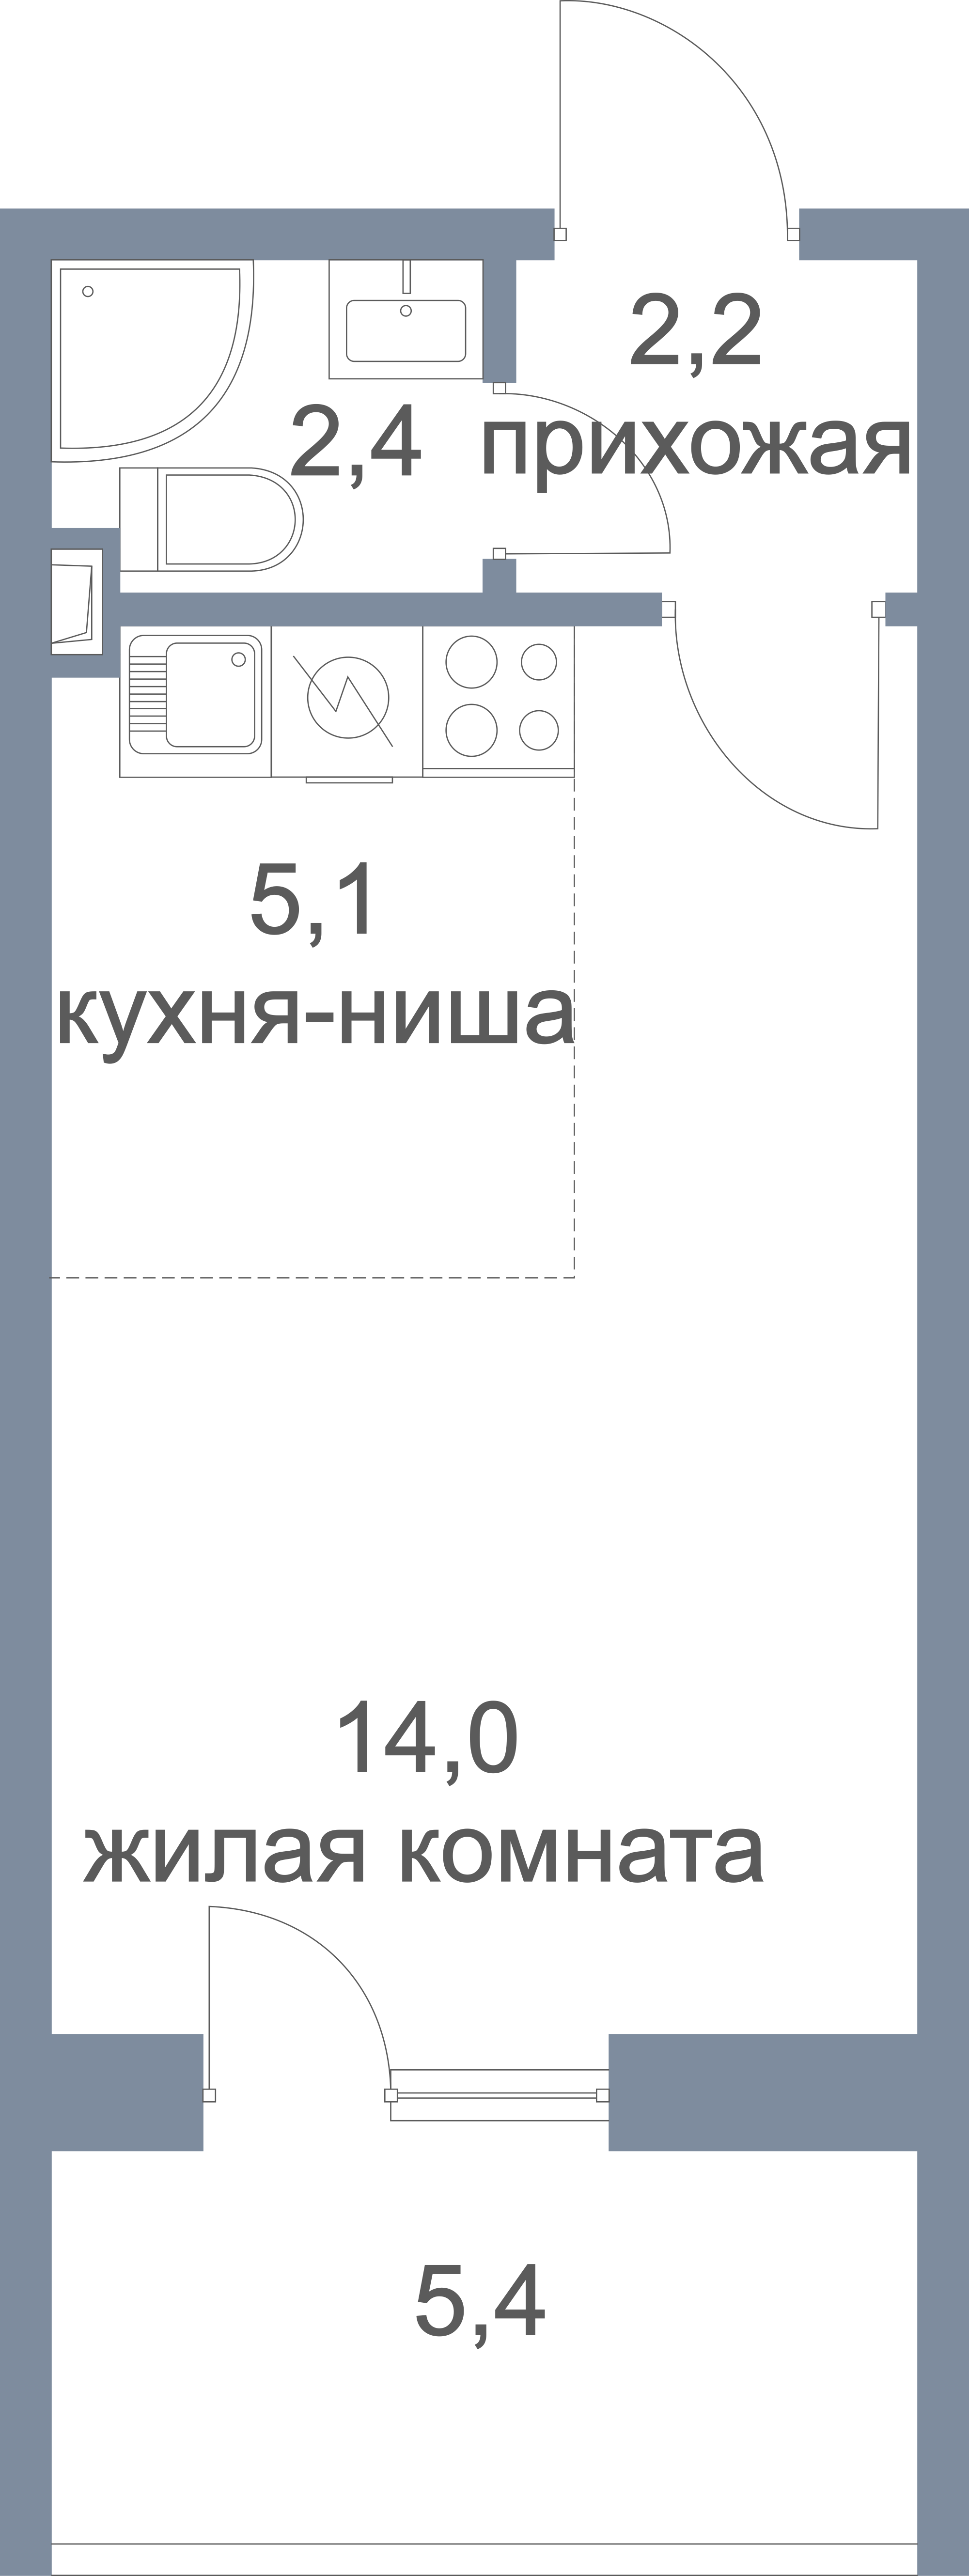 https://pb3241.profitbase.ru/uploads/preset/3241/5d0ca307254a8.png